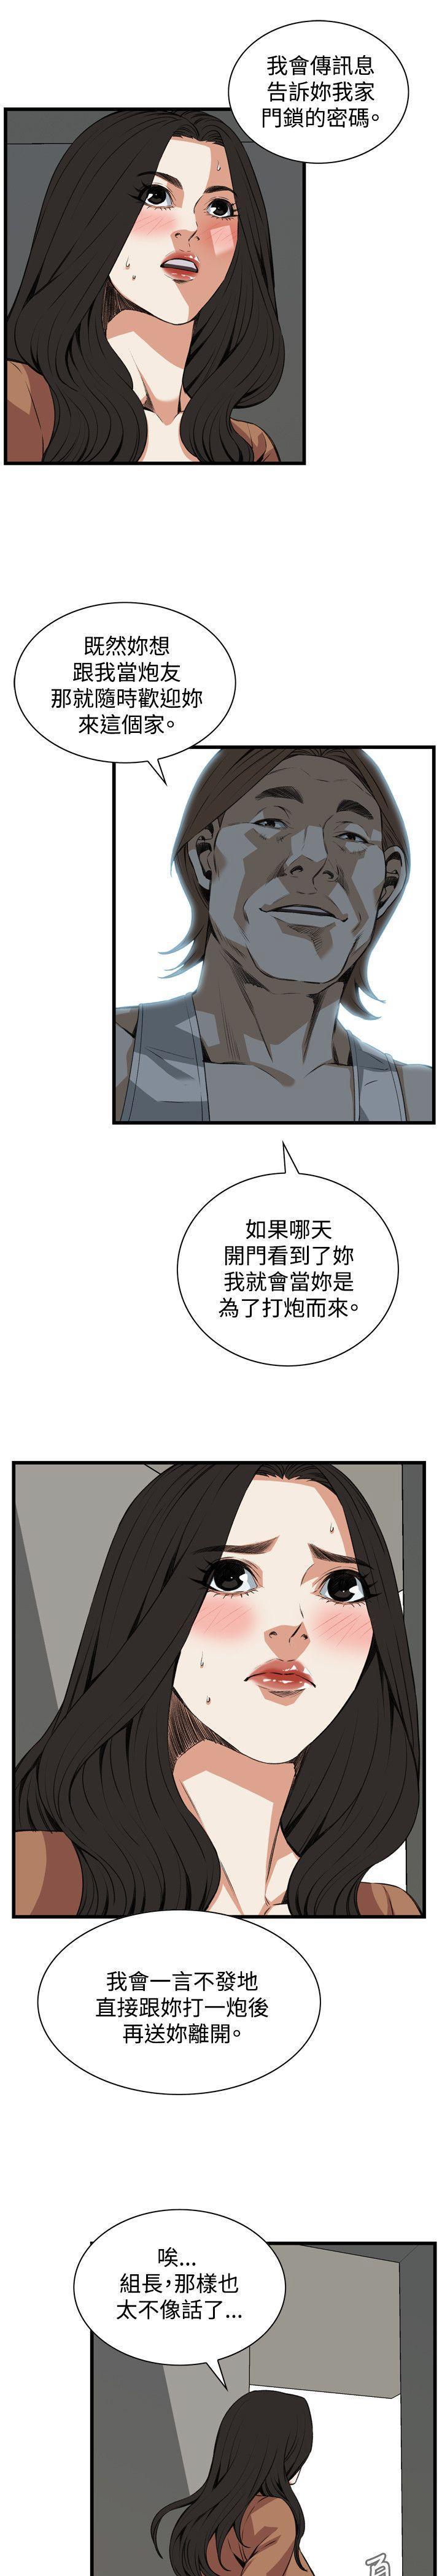 偷窥72-93 Chinese Rsiky 360